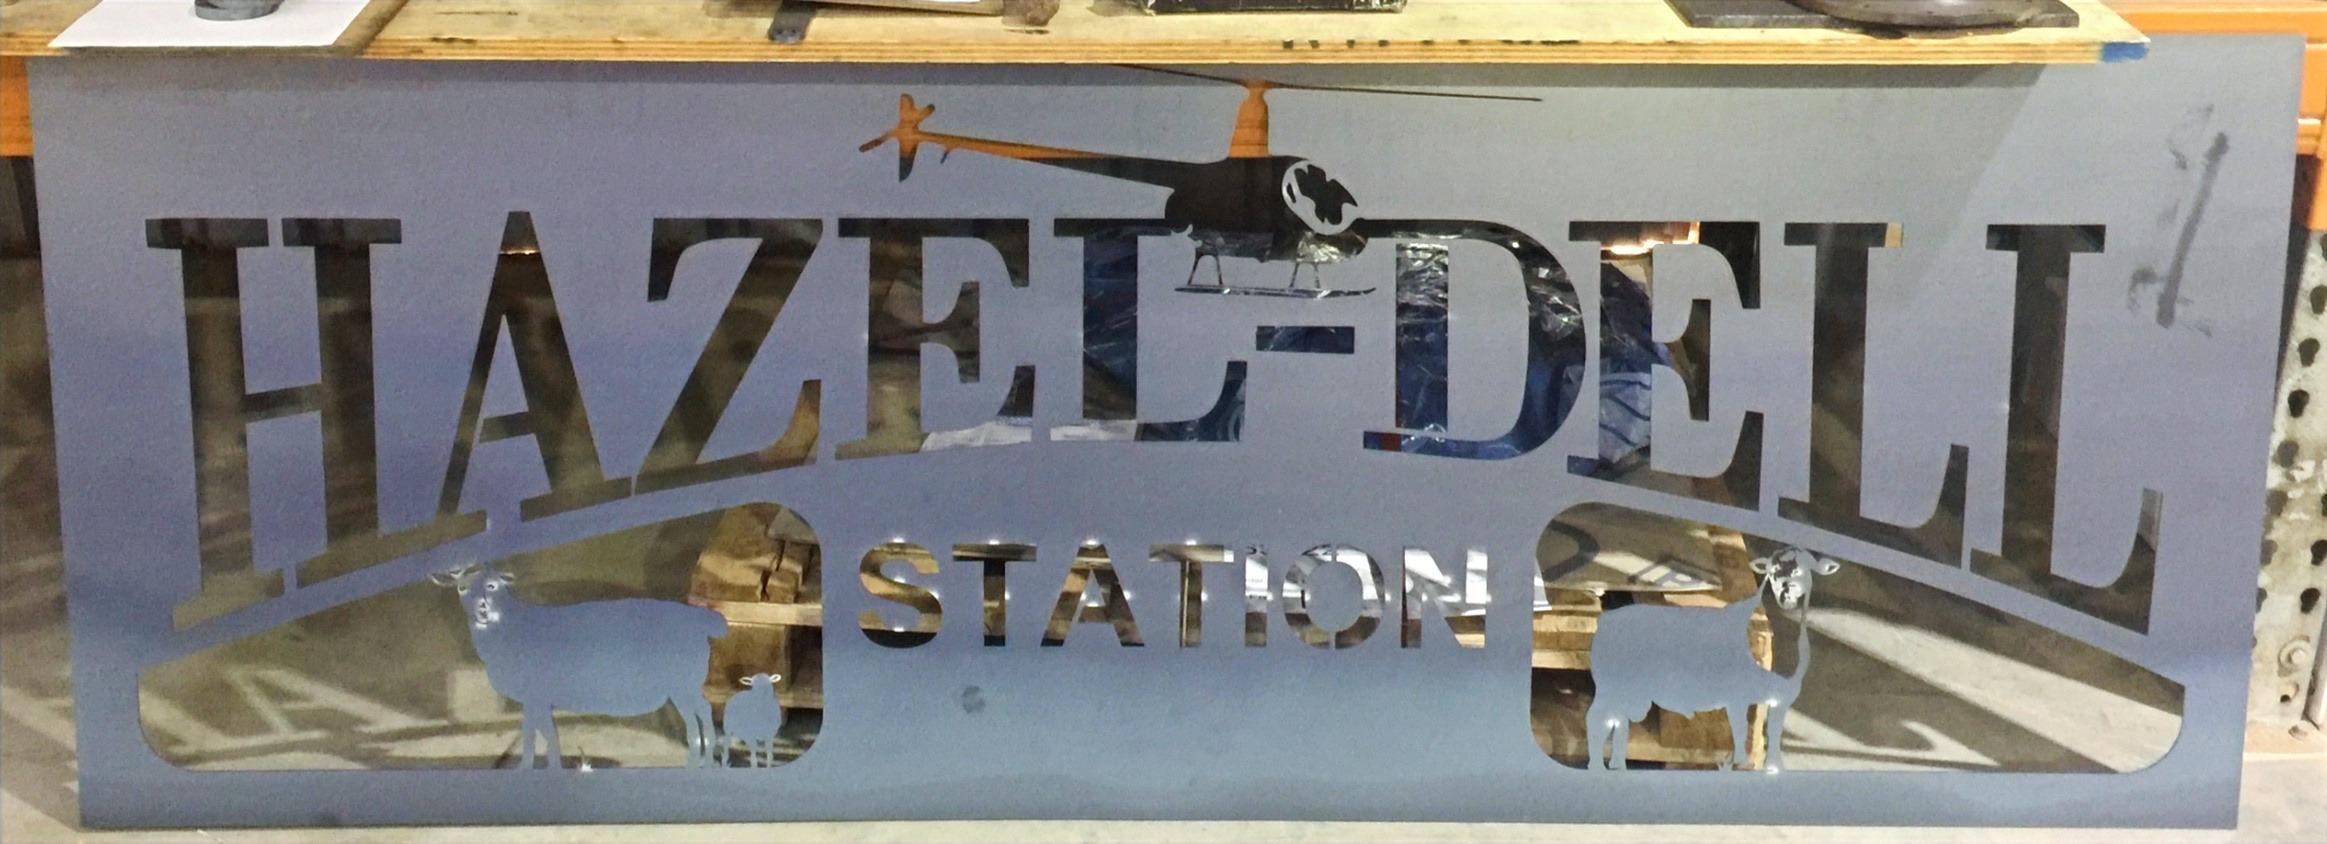 Hazel Dell Station Sign Mild Steel